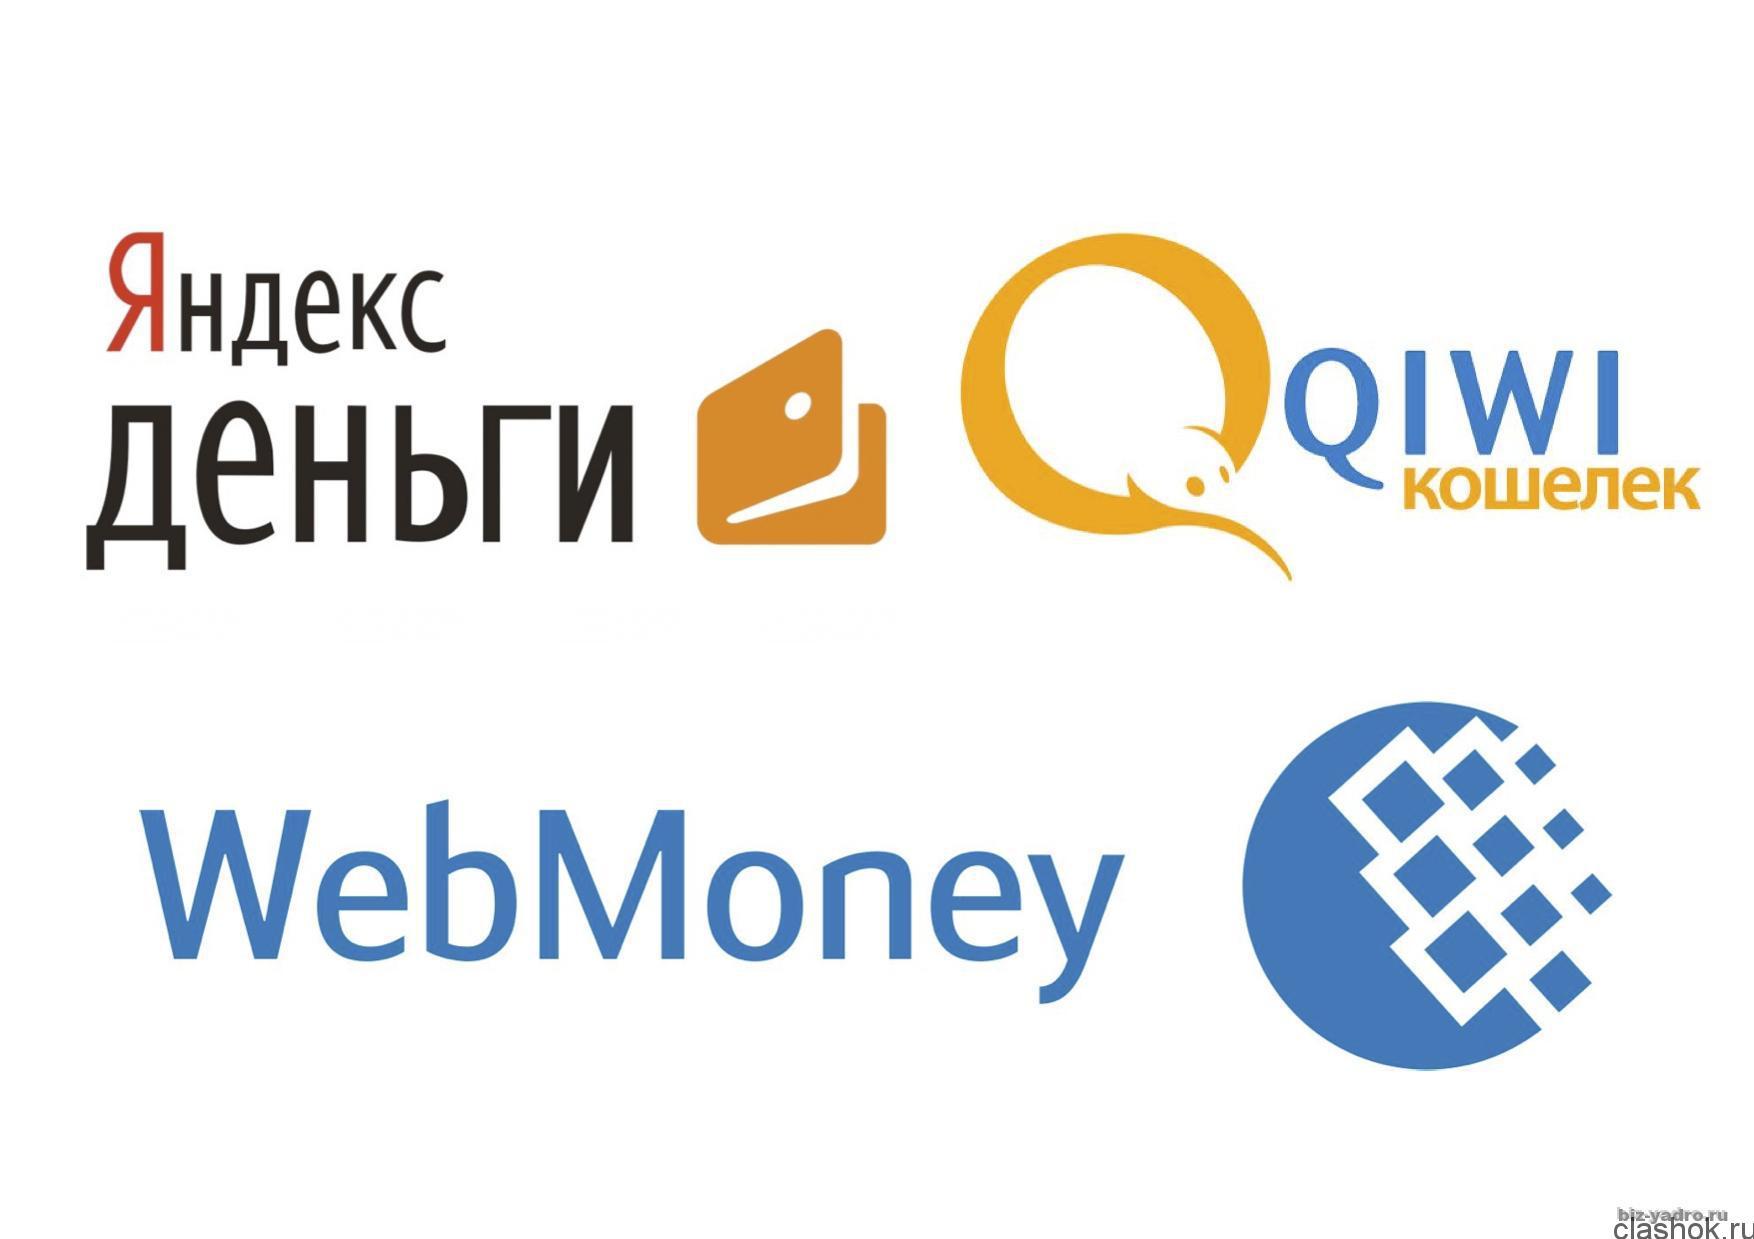 Эл. деньги.jpg_1460984043